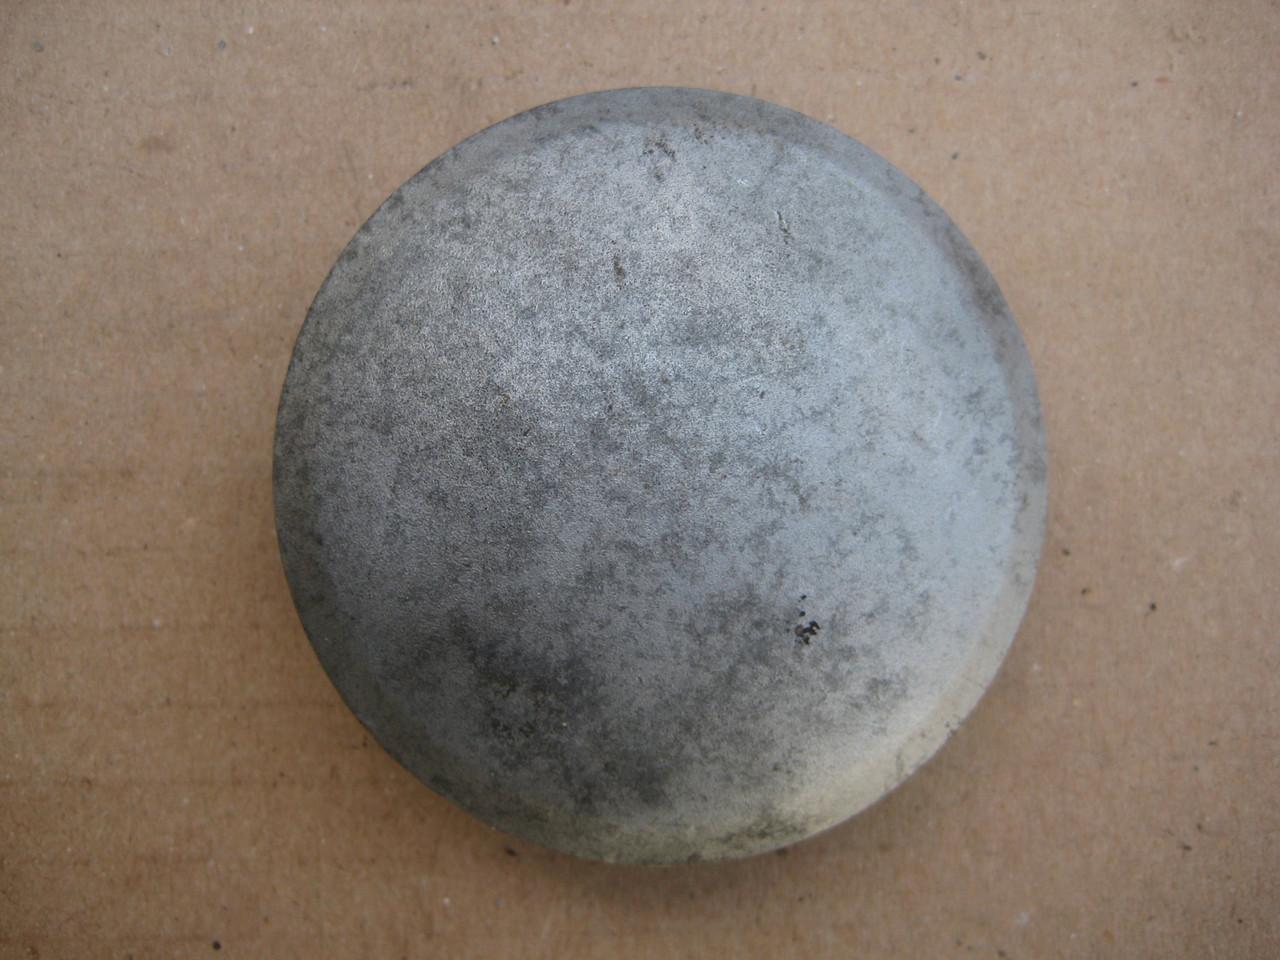 Крышка на головку цилиндра Альфа Дельта Alpha Delta Мустанг